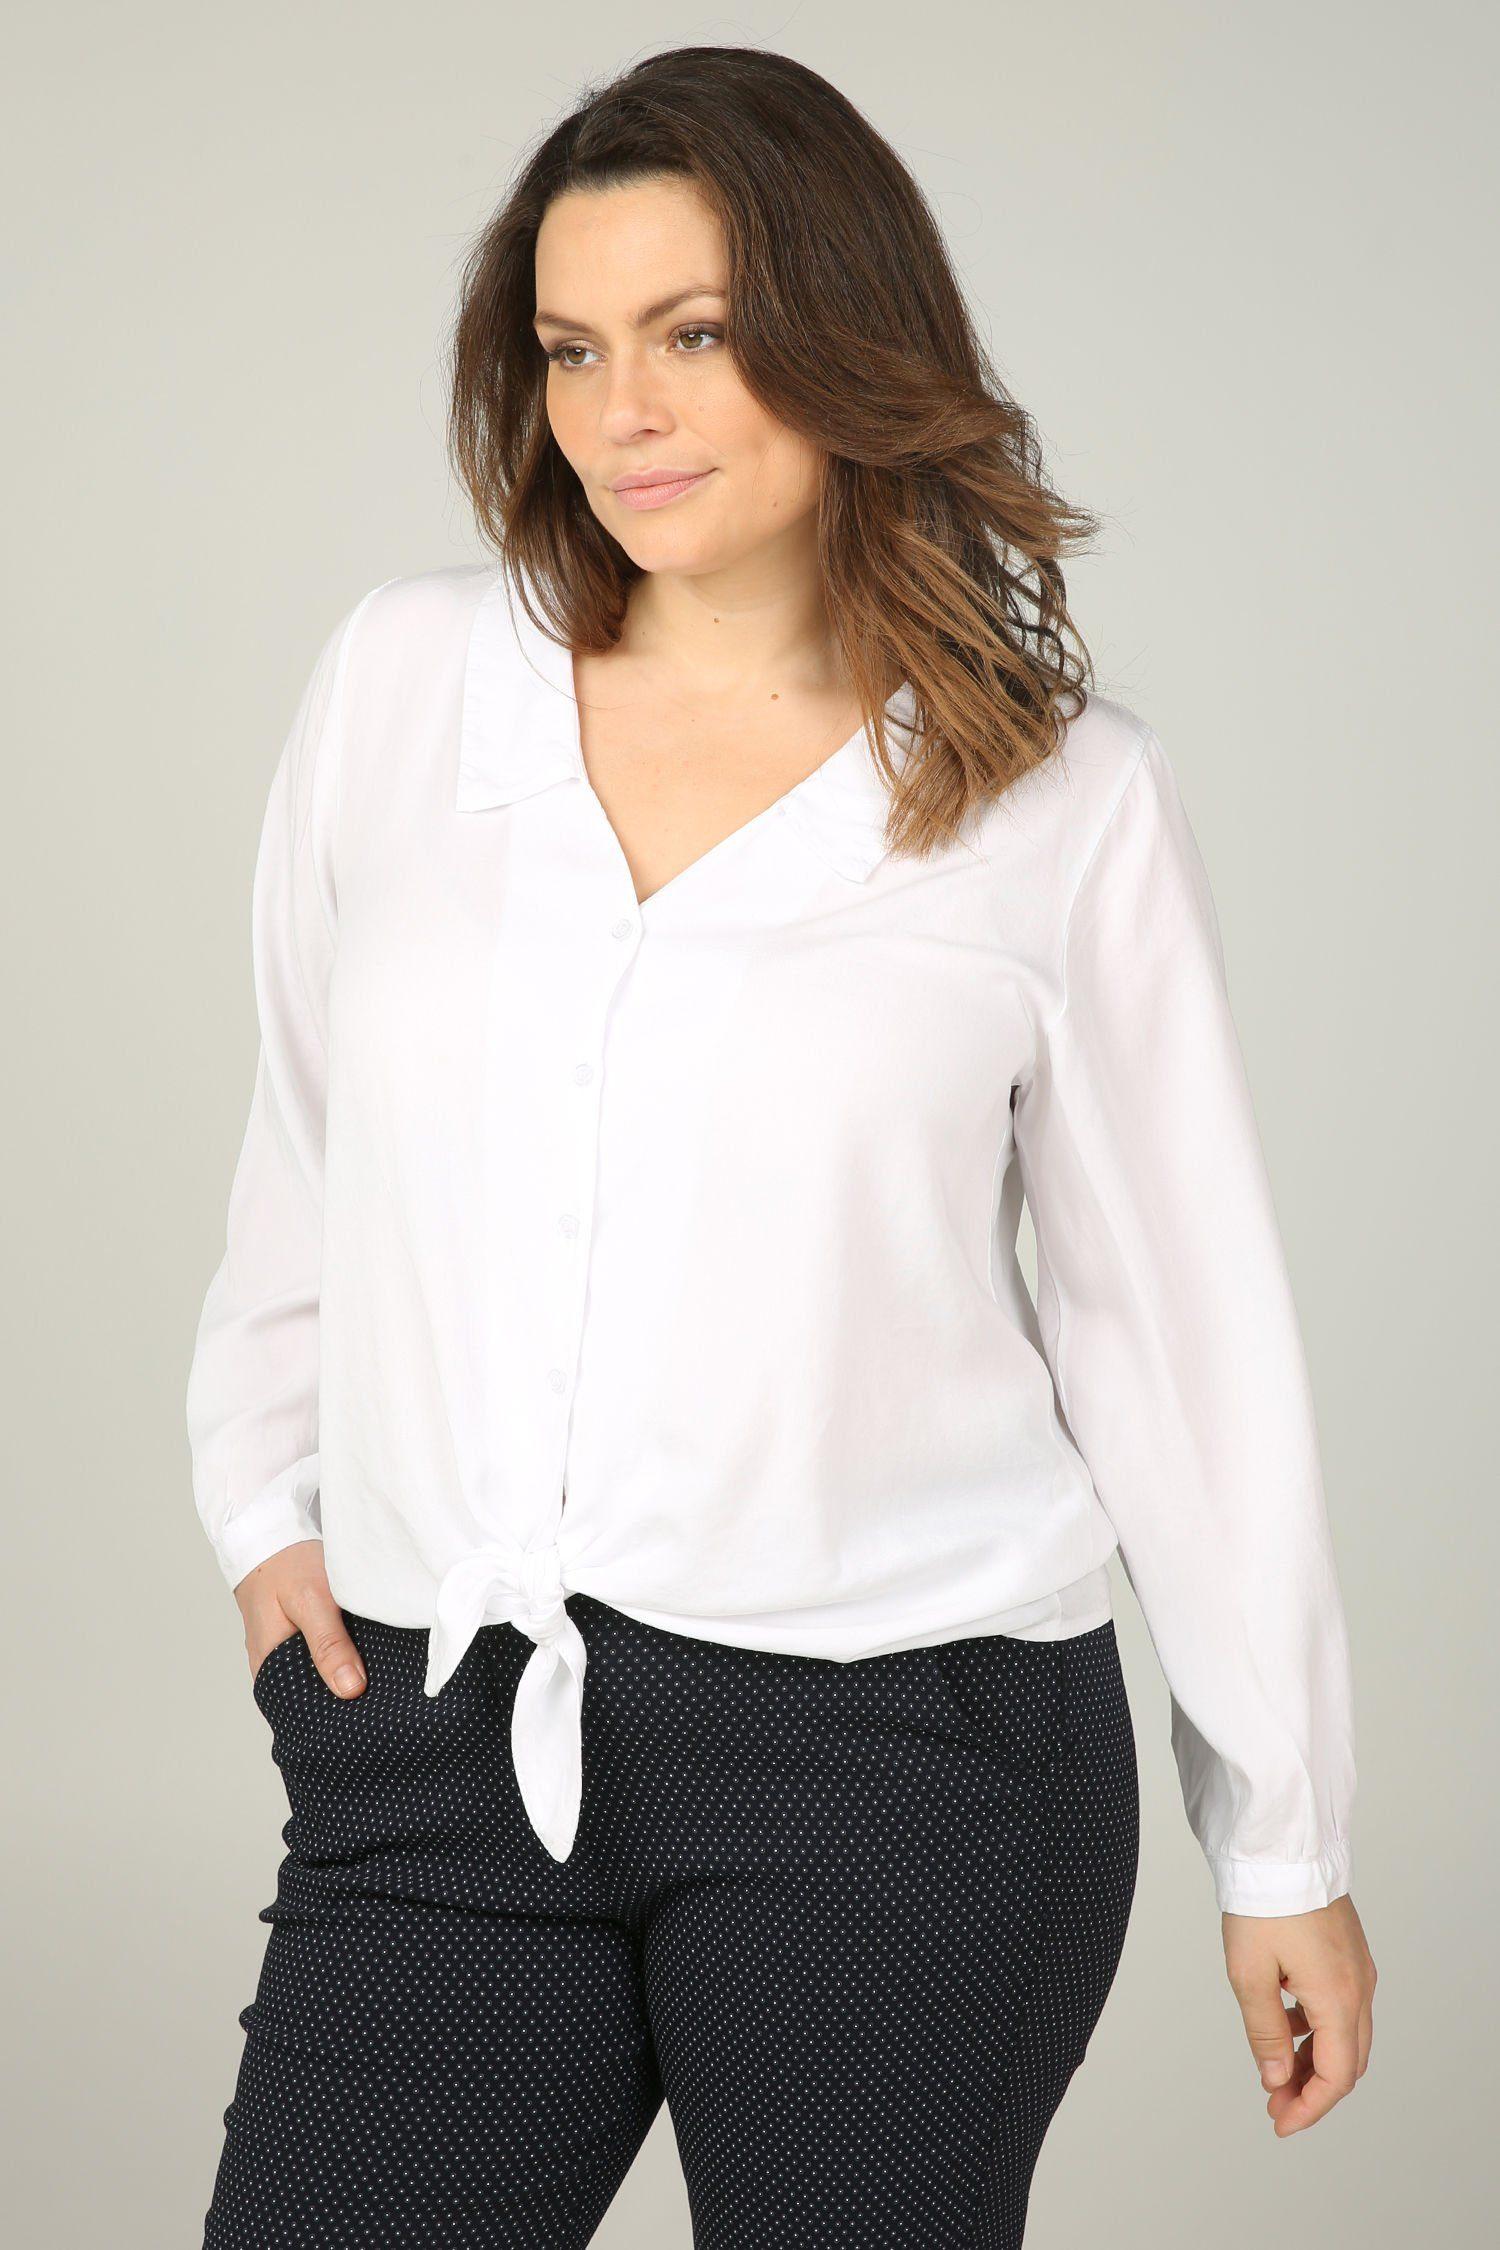 Paprika Klassische Bluse Hemdbluse mit Knoten-Detail | Bekleidung > Blusen > Klassische Blusen | Beige | Paprika